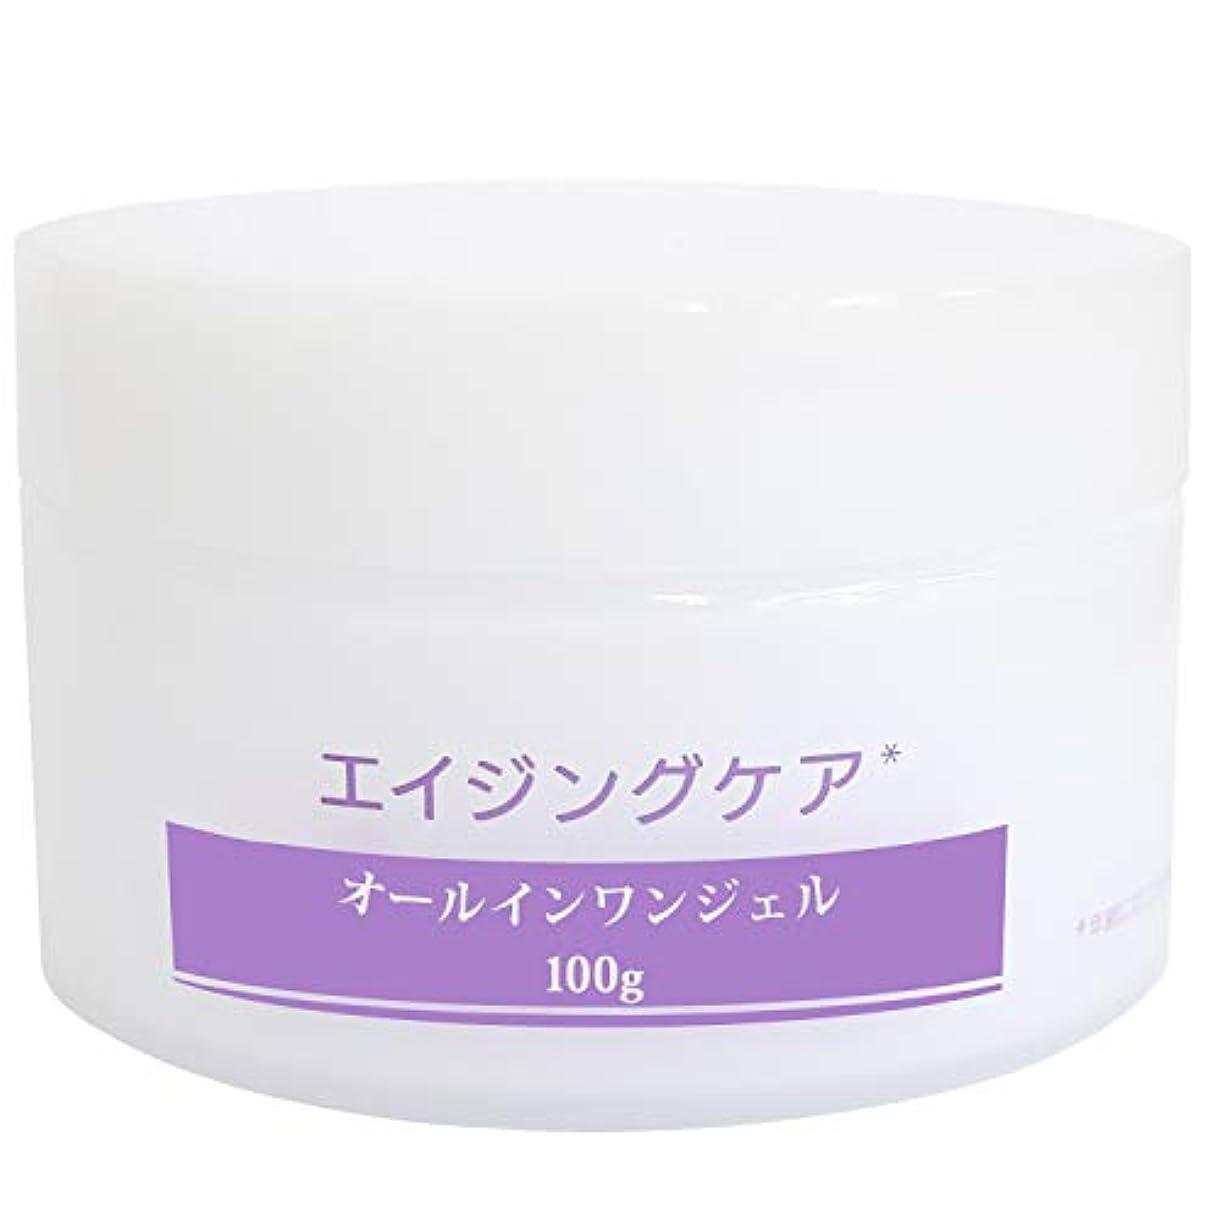 有名な一過性思春期オールインワンジェル メンズ 化粧水 美容液 保湿クリーム オールインワン エイジングケア スキンケア リンクルケア 男性 乾燥小じわを目立たなくする 大容量 100g